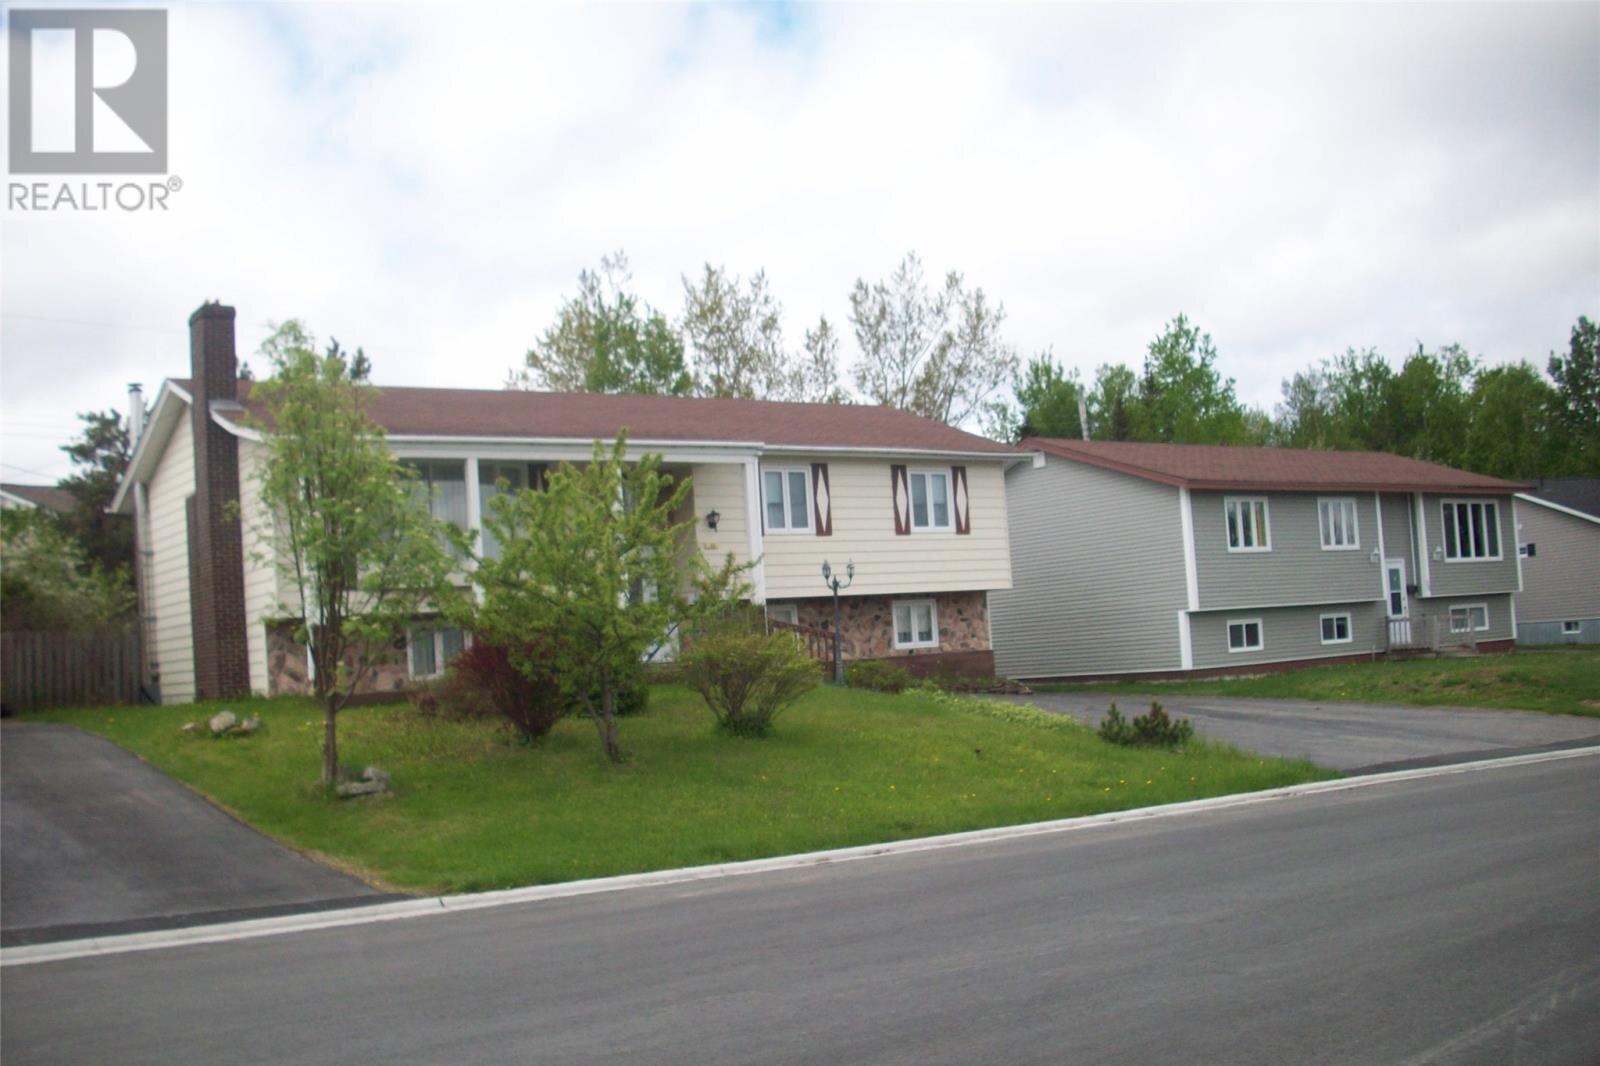 House for sale at 22 Griffin Pl Gander Newfoundland - MLS: 1217152